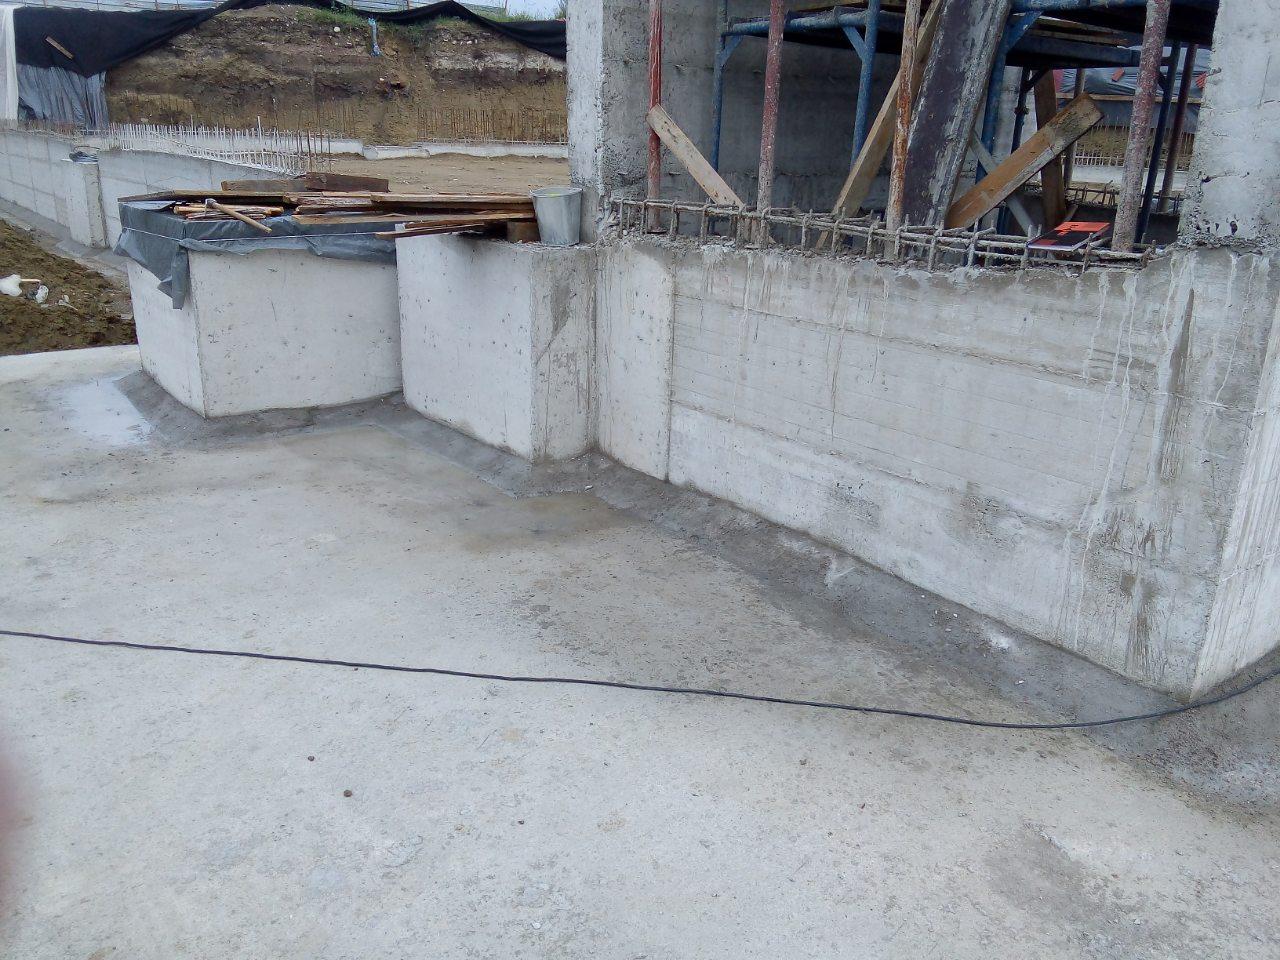 Роси ЕООД лидер на пазара за материали и машини за мебелната индустрия строи следващия свой търговски център в Кърджали отново с материалите на IKO